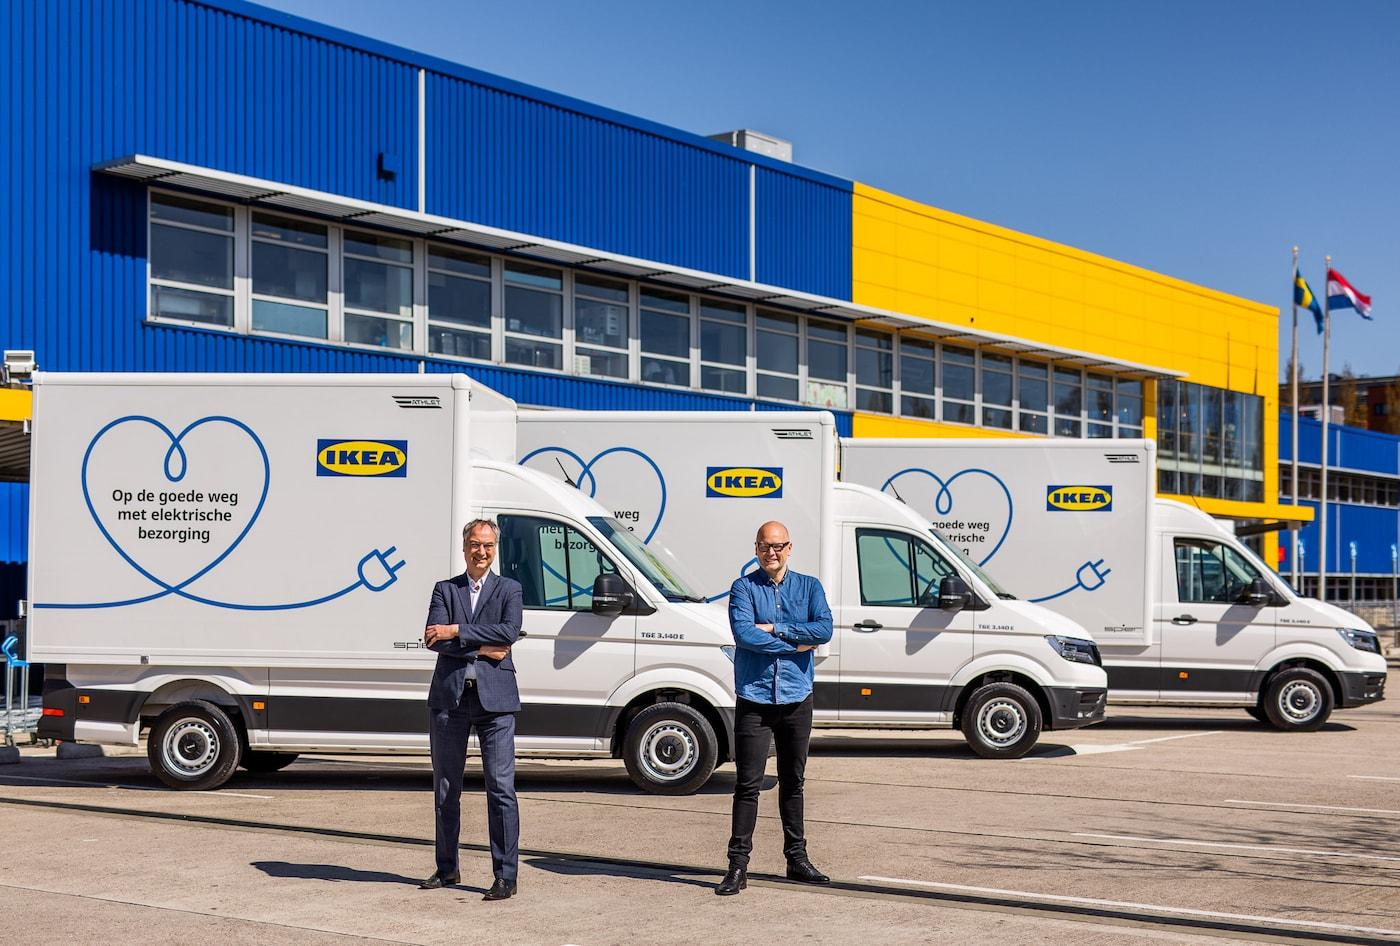 Egbert de Vries (Wethouder Verkeer en Vervoer, Water en Luchtkwaliteit in Amsterdam) en Paul de Jong (CEO en CSO van IKEA Nederland).